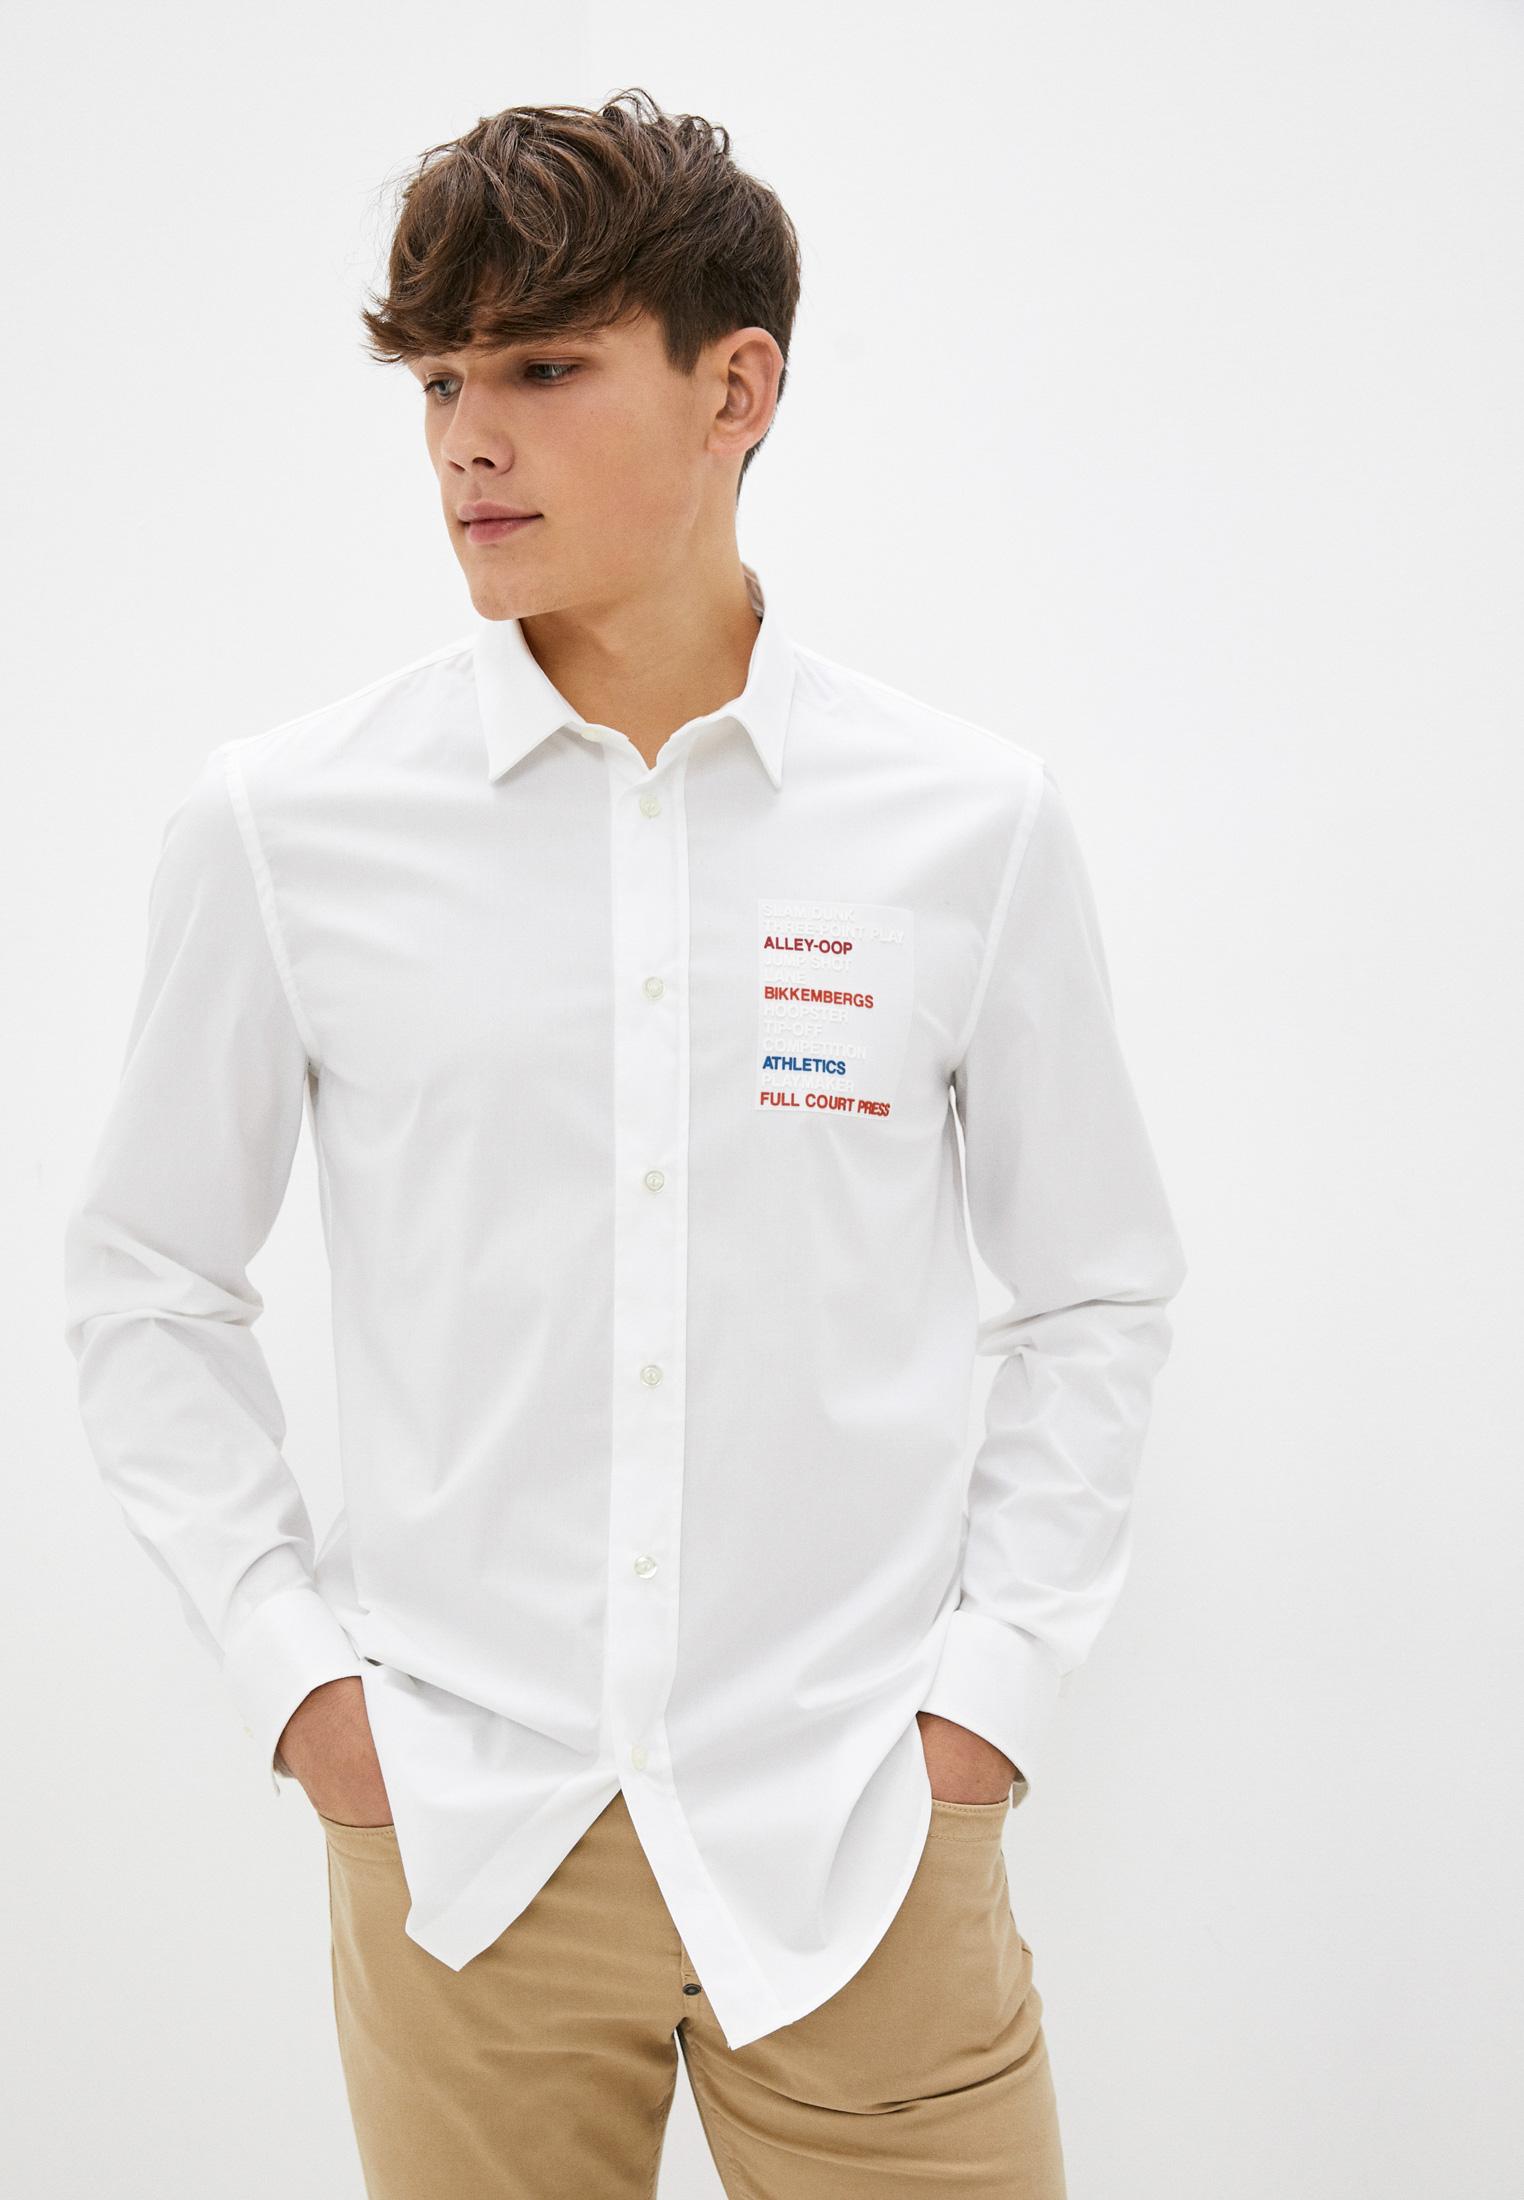 Рубашка с длинным рукавом Bikkembergs (Биккембергс) C C 009 80 S 2931